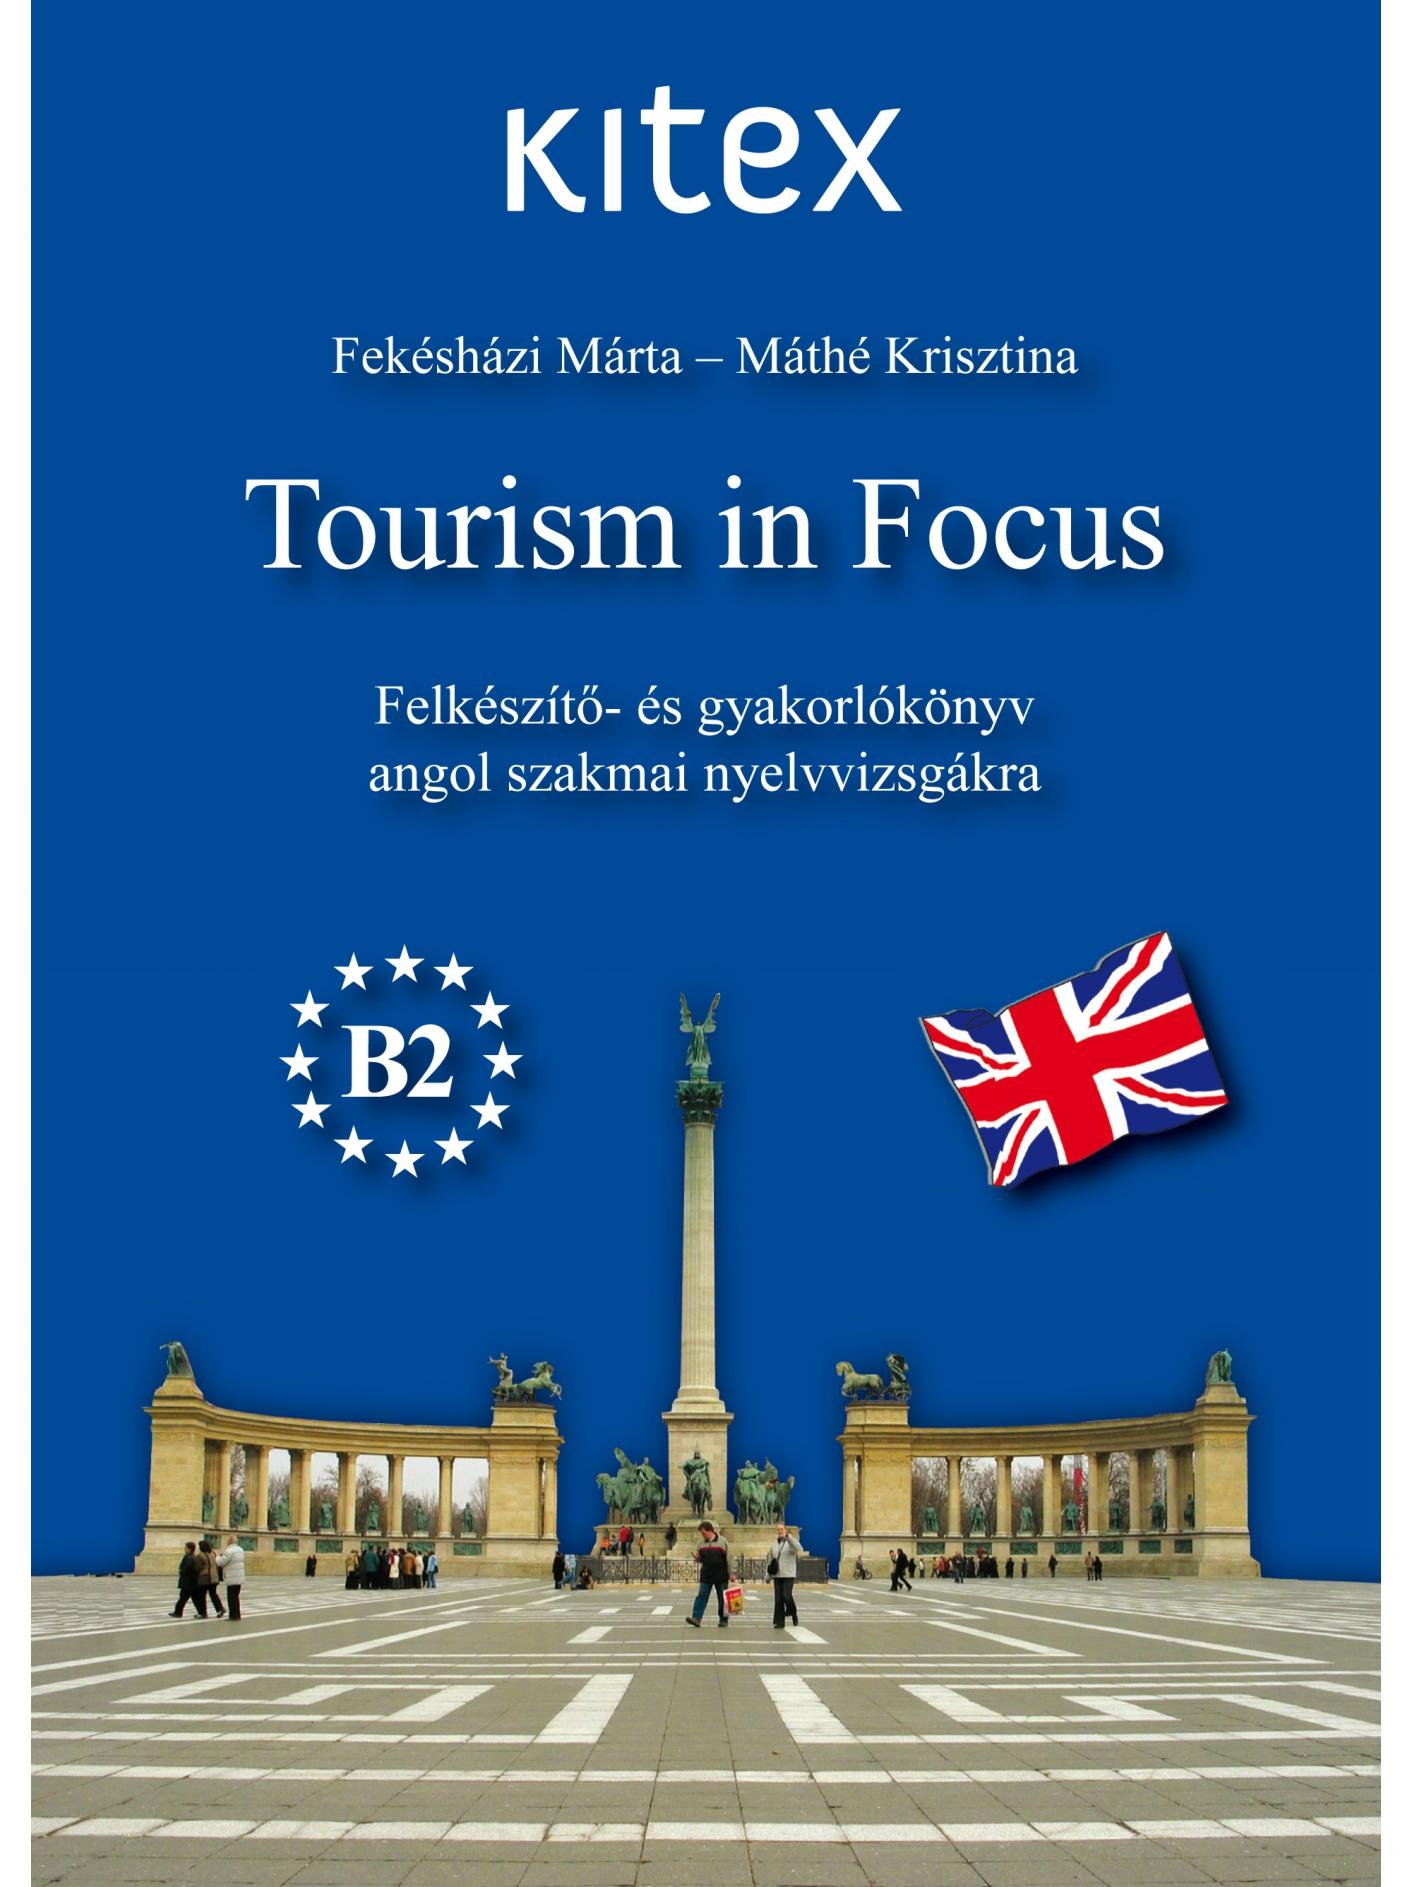 Tourism in Focus (CD-vel)  FIGYELEM!!! 2020. DECEMBERÉTŐL A KITEX SZAKMAI NYELVVIZSGA MEGSZŰNT